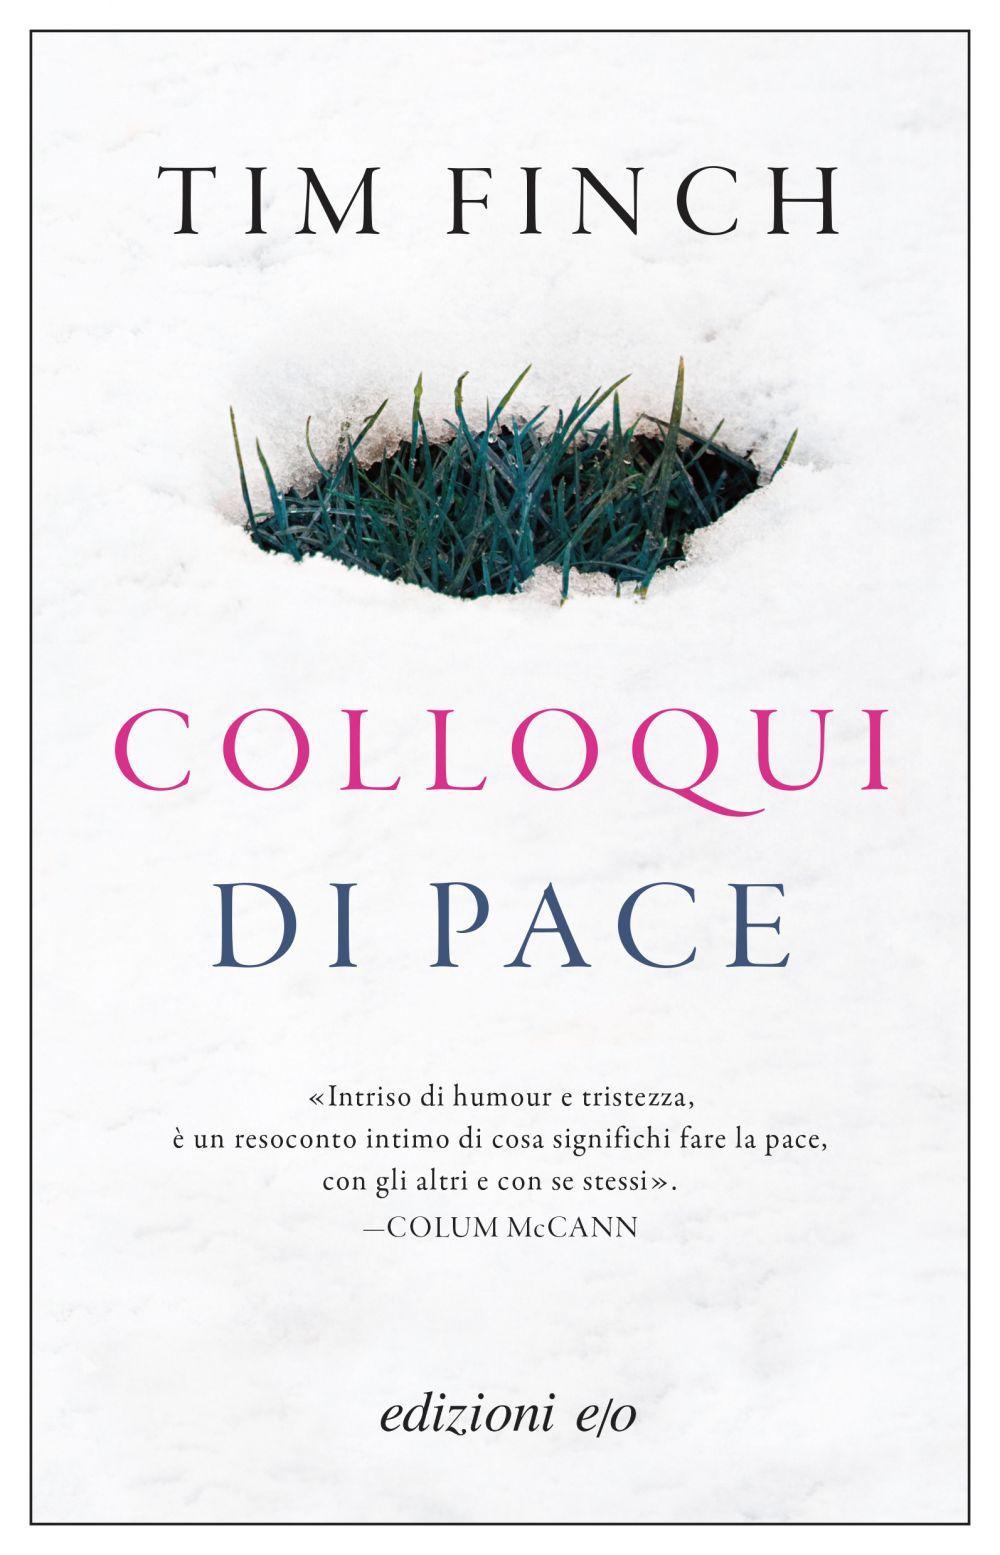 COLLOQUI DI PACE - 9788833572581